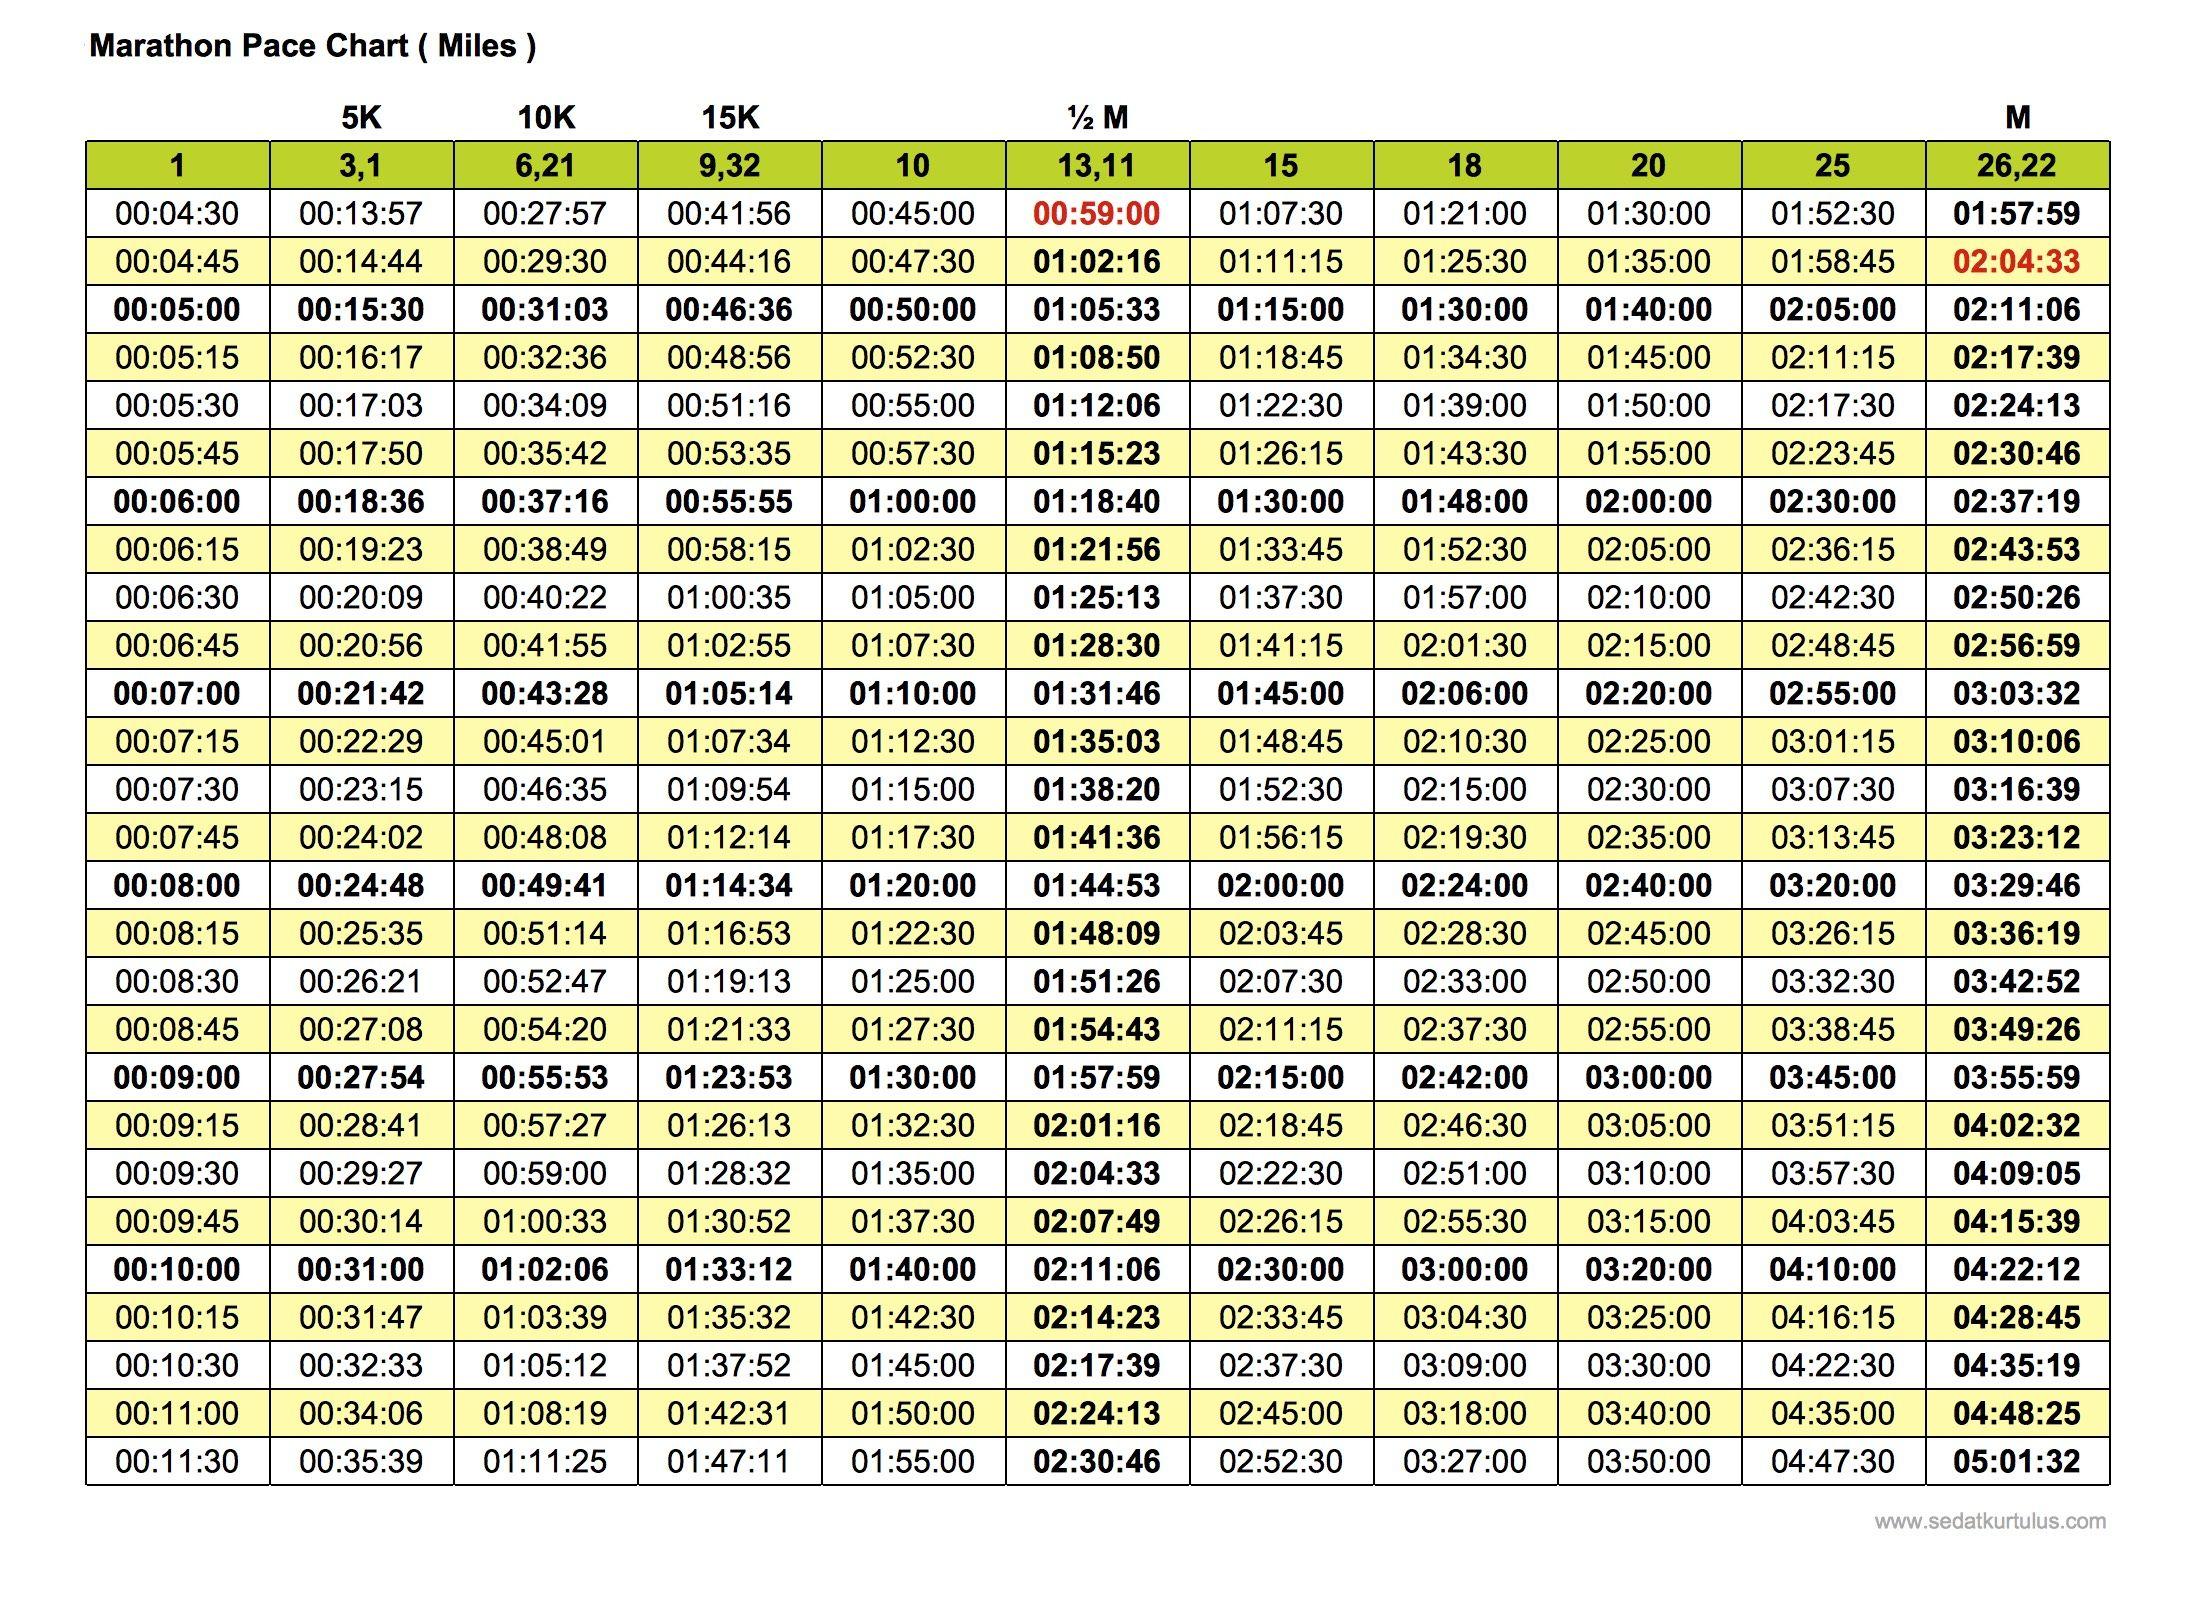 Marathon Pace Chart Miles Version Free For Print High Quality Half Marathon 5k 10k Marathon Pace Chart Half Marathon Training Schedule Half Marathons Races